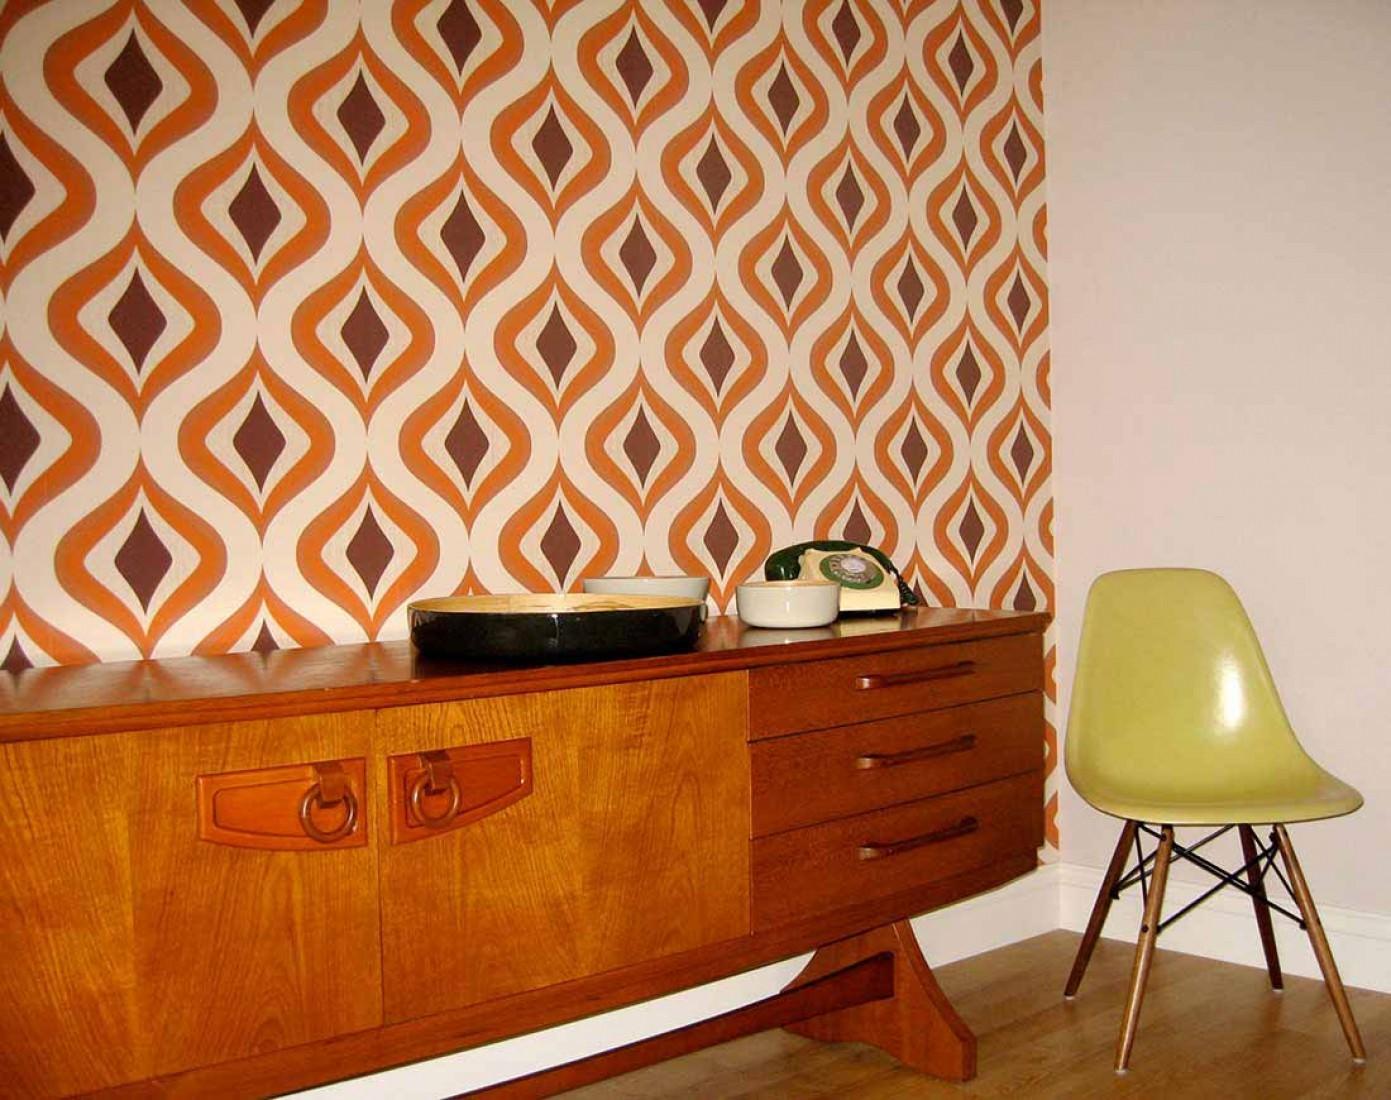 Papel de parede triton marfim claro marrom laranja papel de parede dos anos 70 Papel pintado anos 70